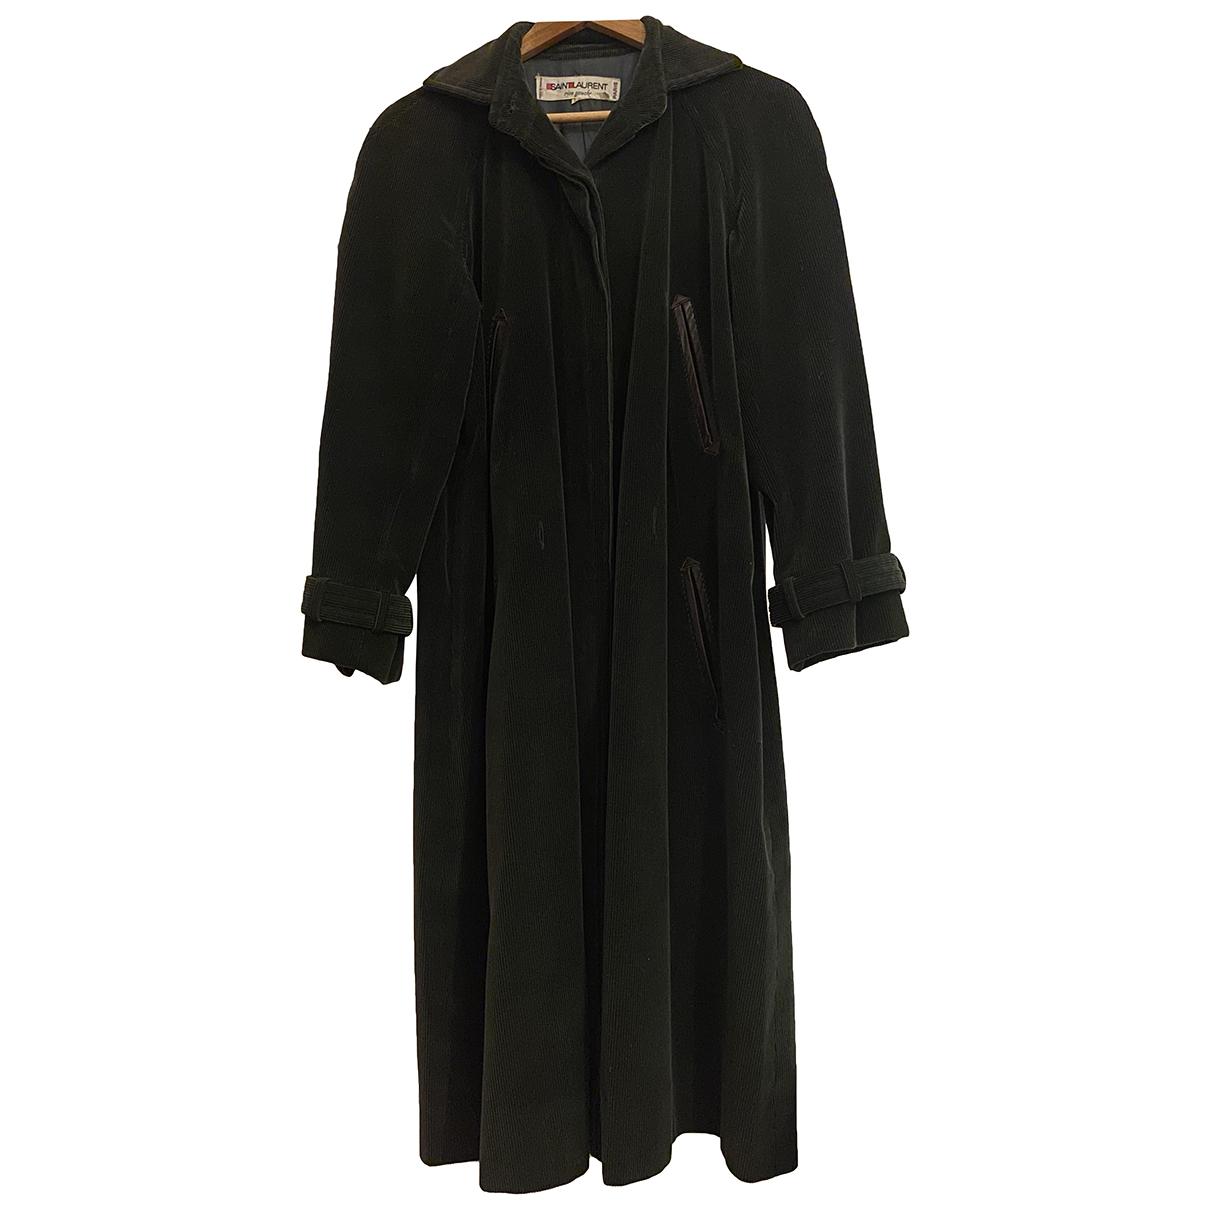 Saint Laurent - Manteau   pour femme en velours - vert